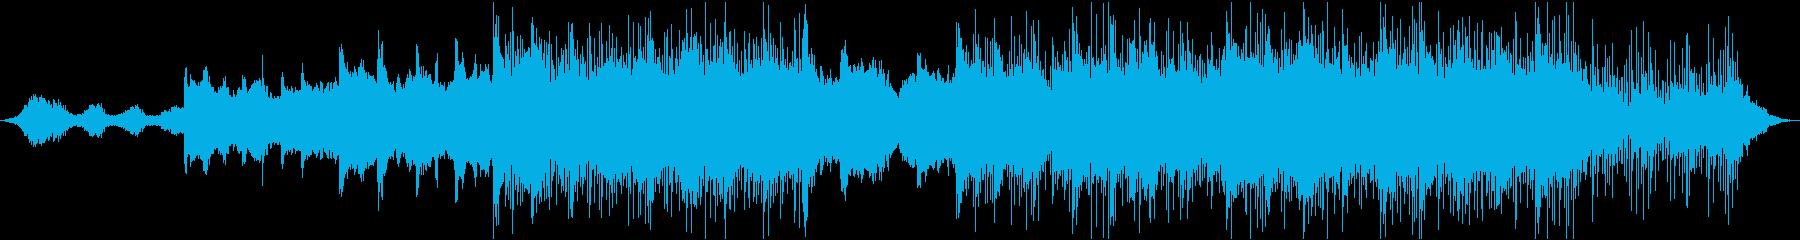 アンビエント モダン 実験的 ほの...の再生済みの波形